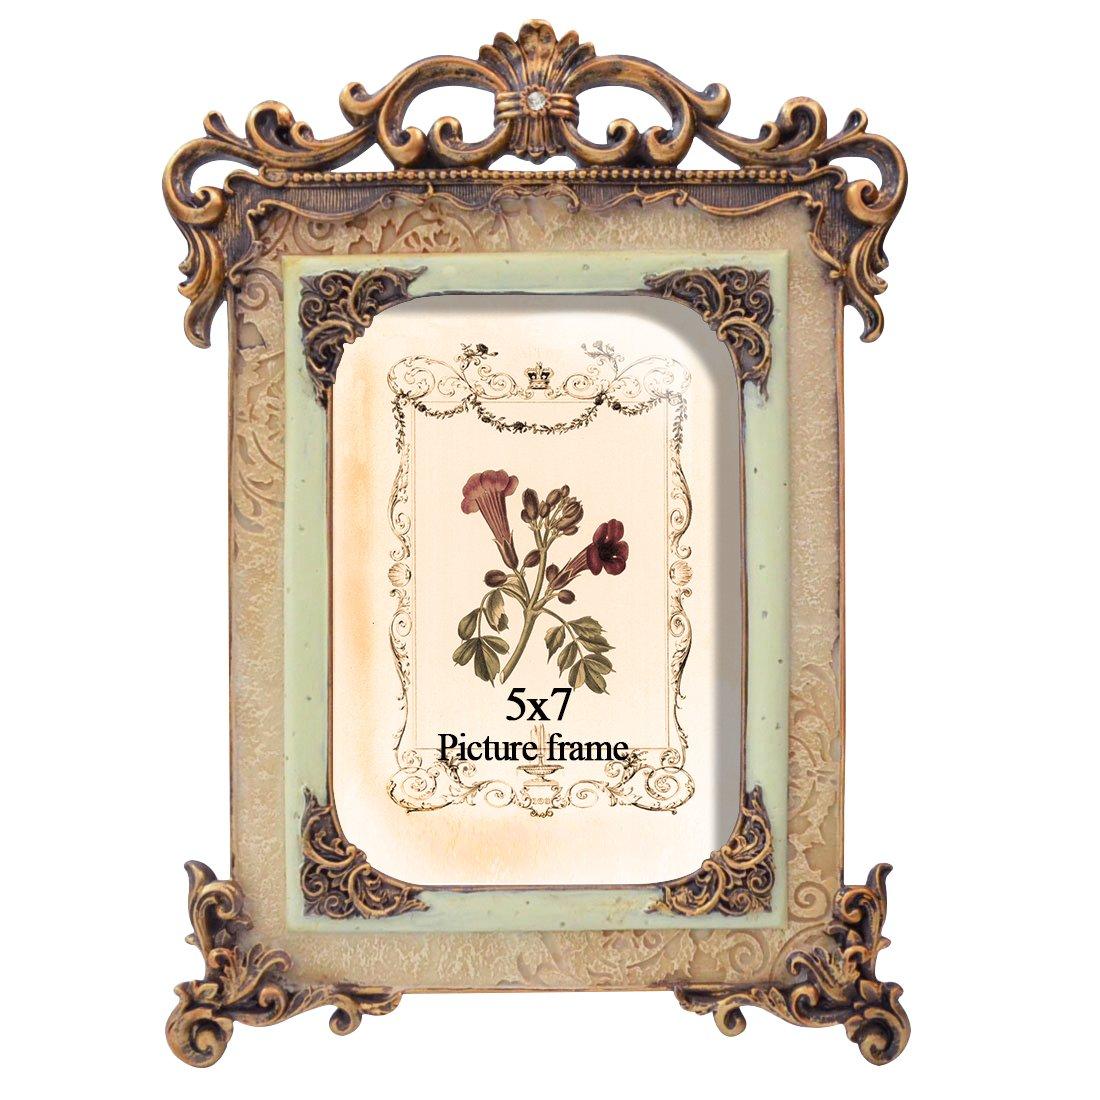 PETAFLOP Bilderrahmen 13x18 antik Fotorahmen Vintage Rahmen Deko ...